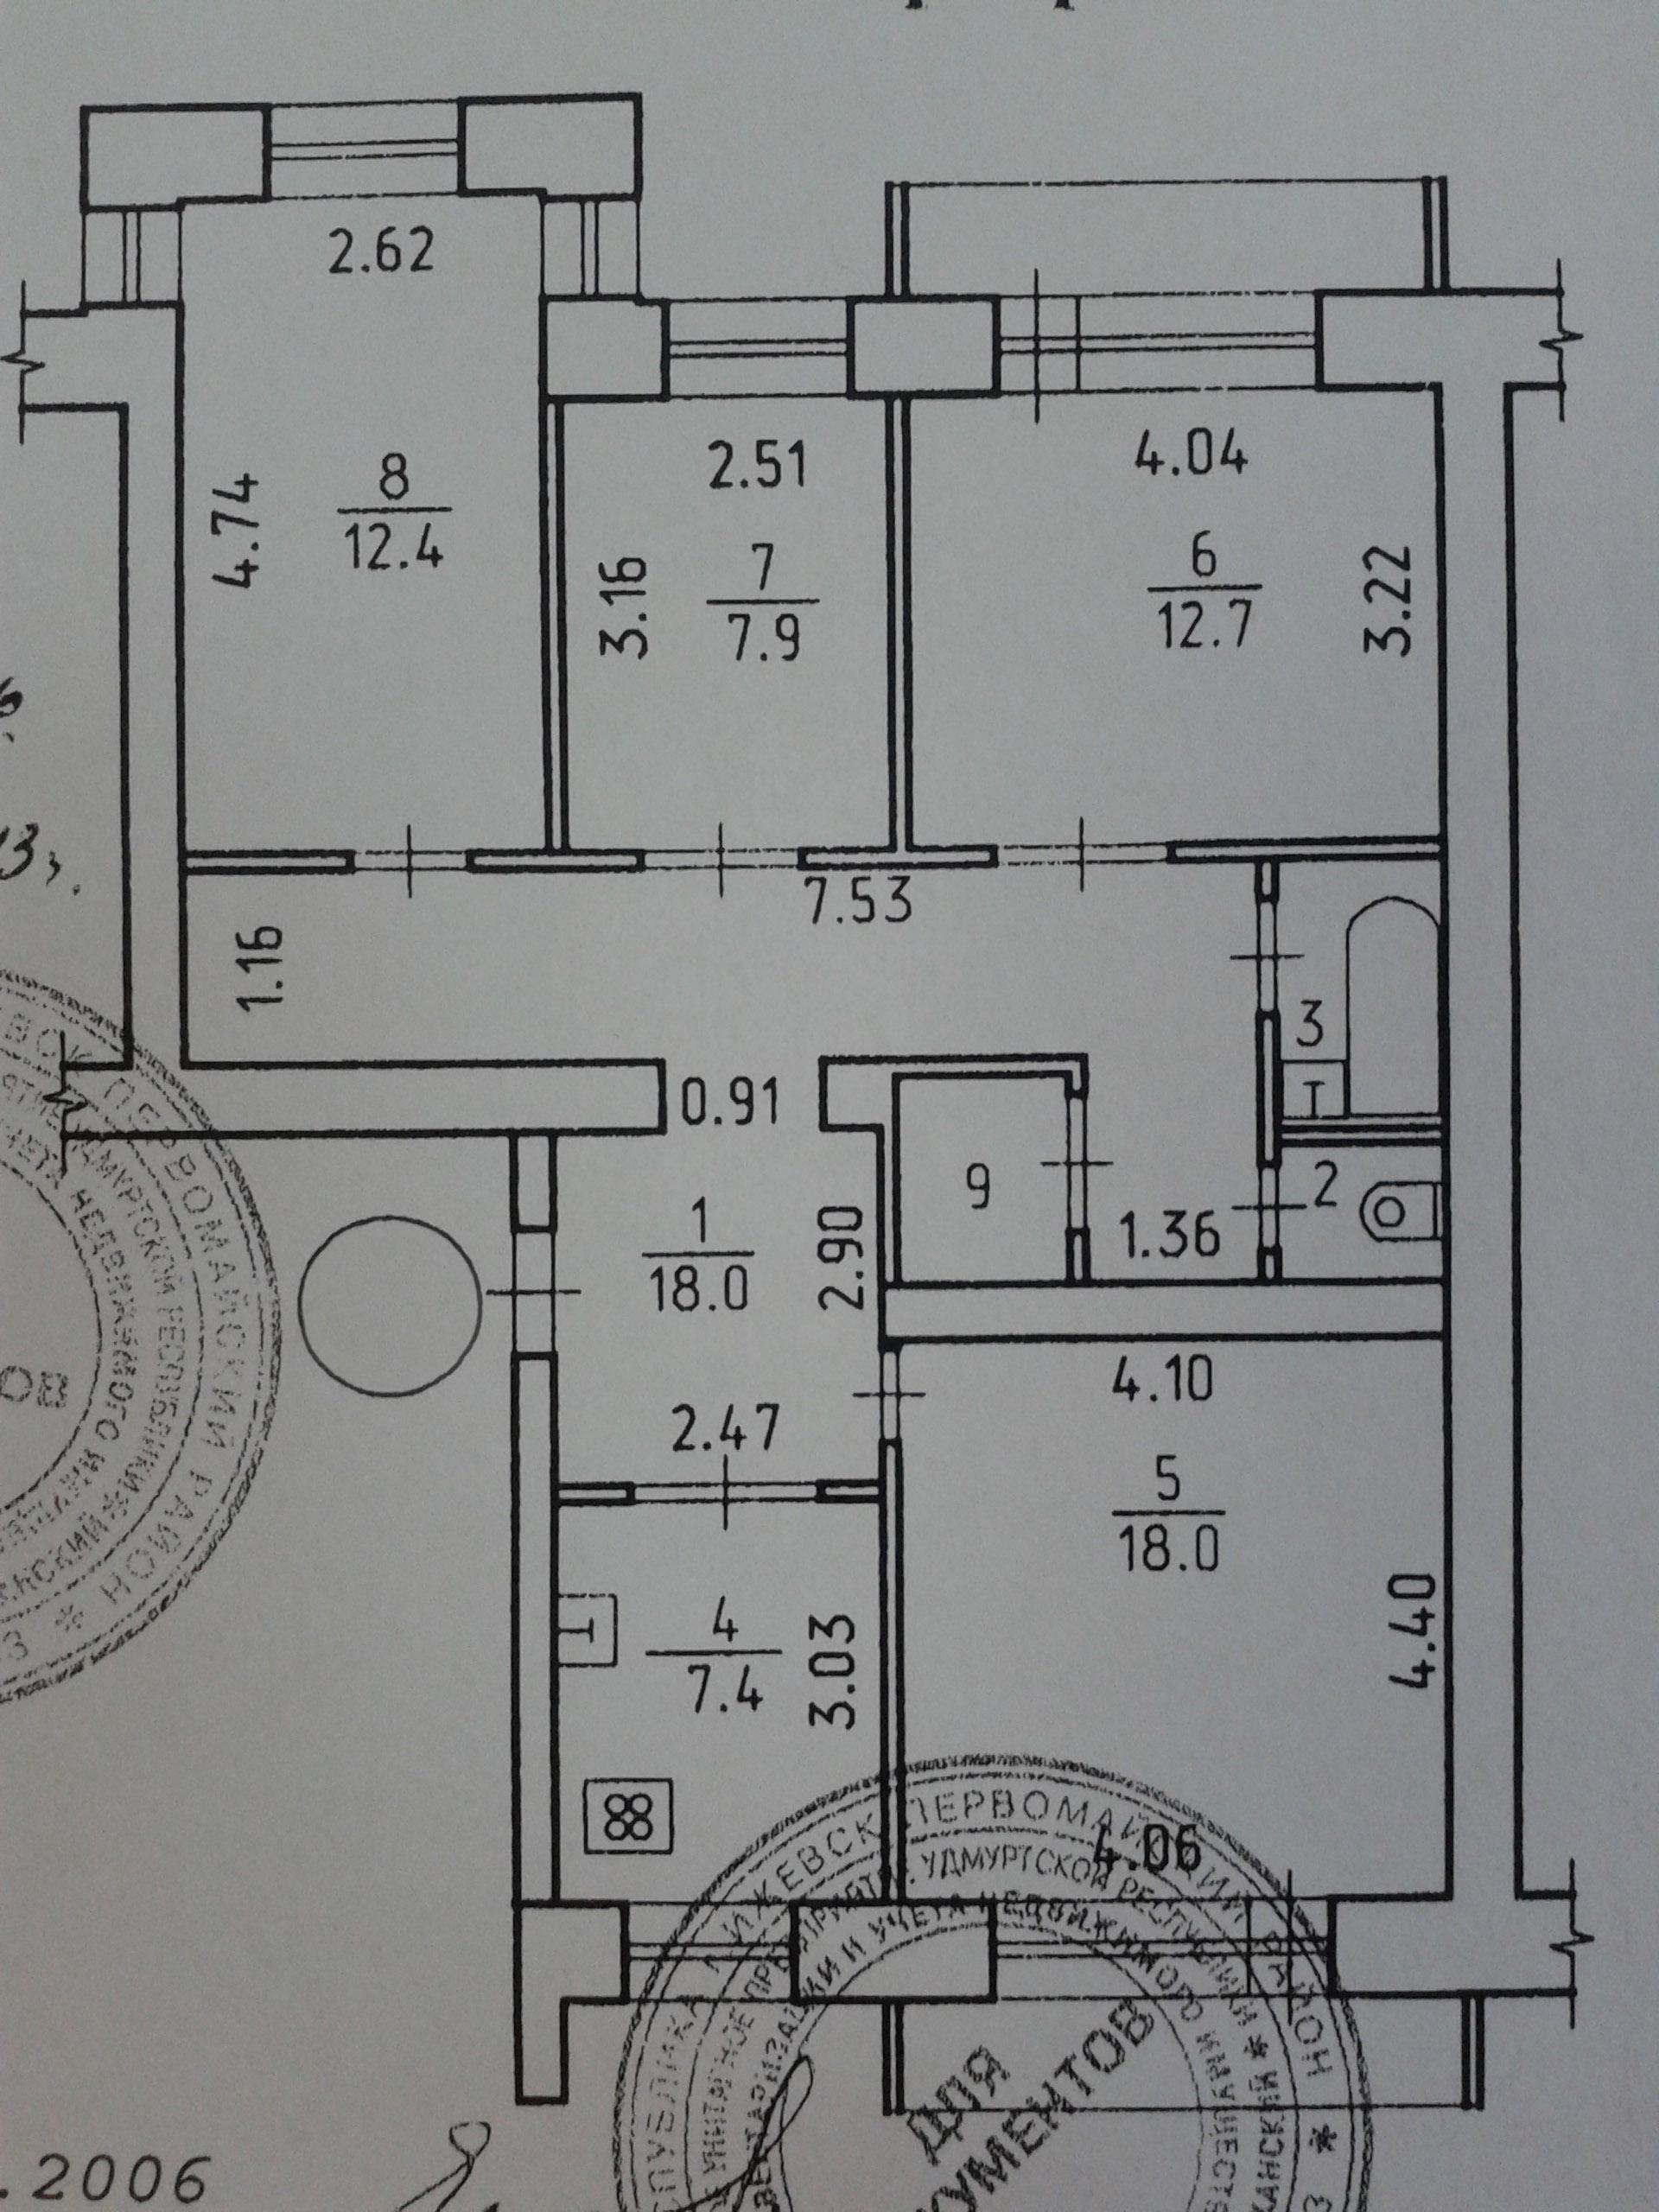 4 к.кв. родниковая 64, 83 кв.м, 2 балкона, фото - марковские.